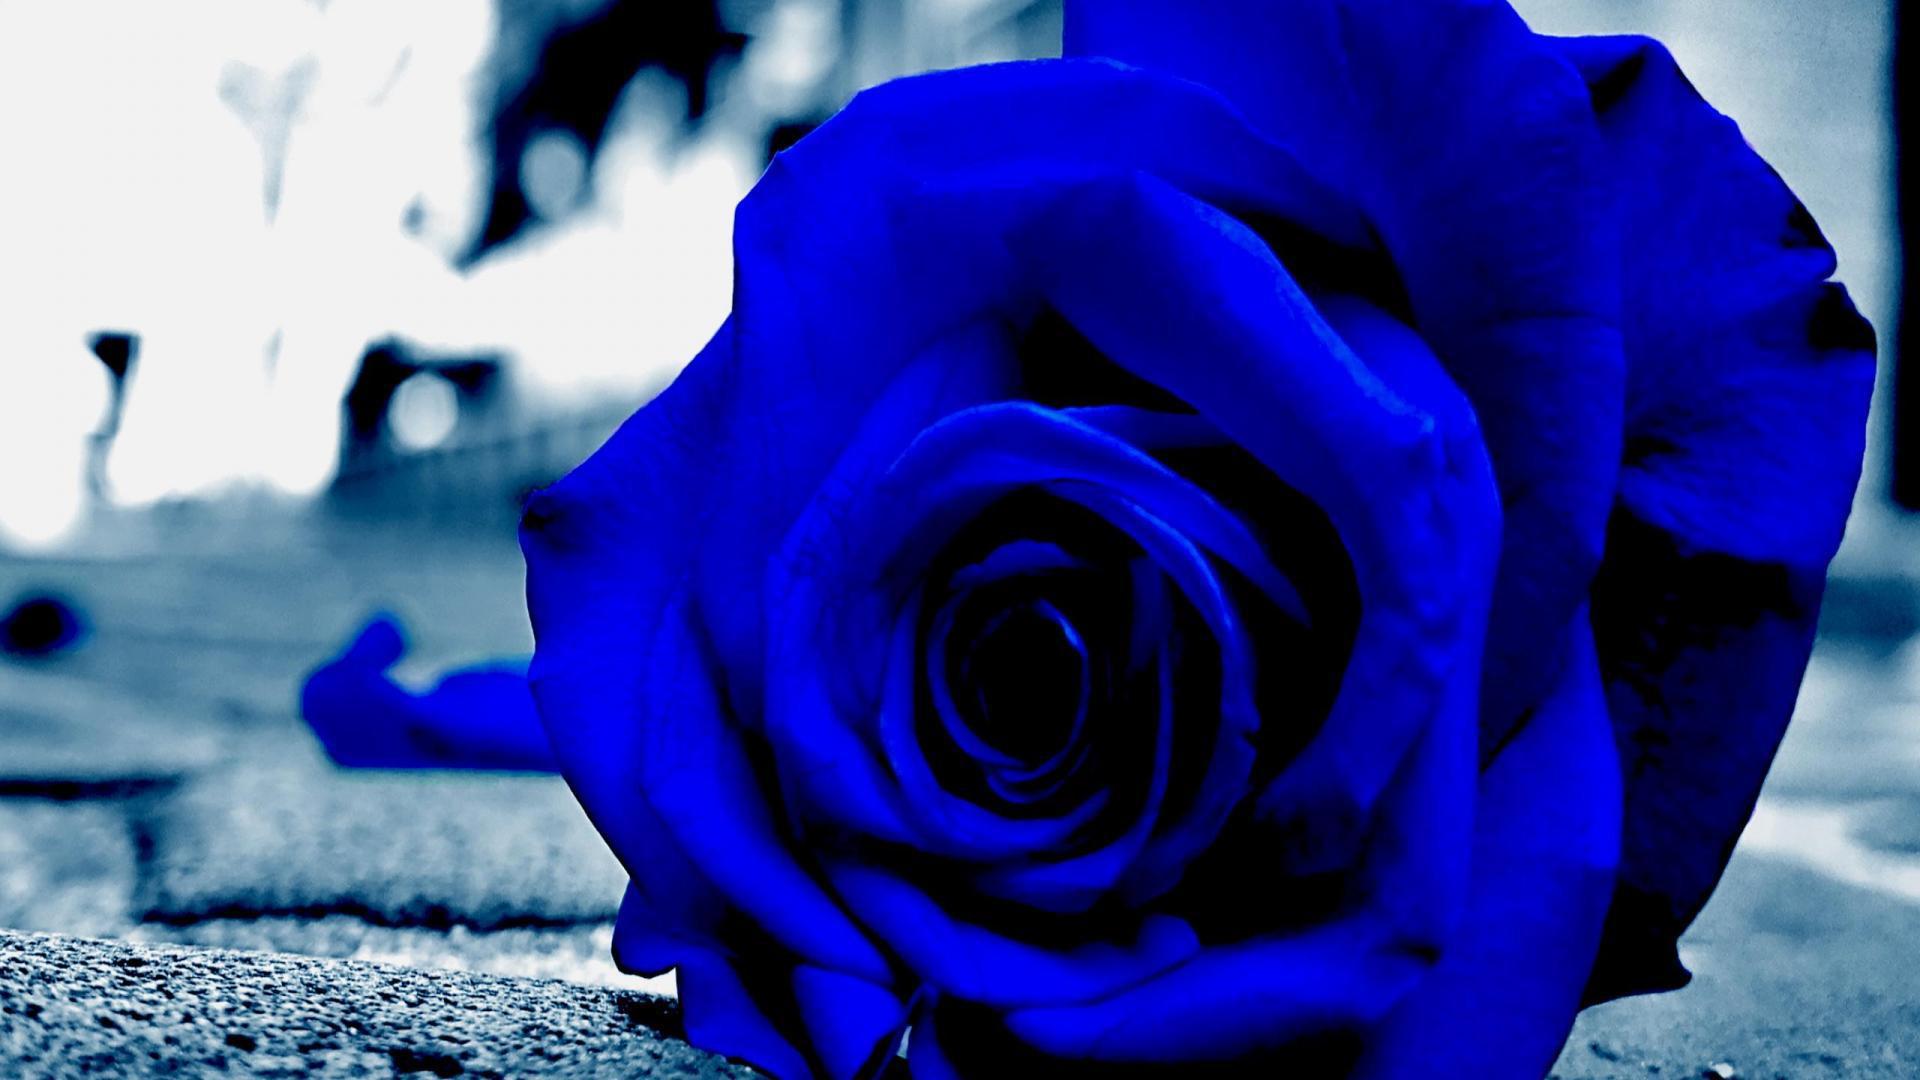 картинки синие со смыслом такой